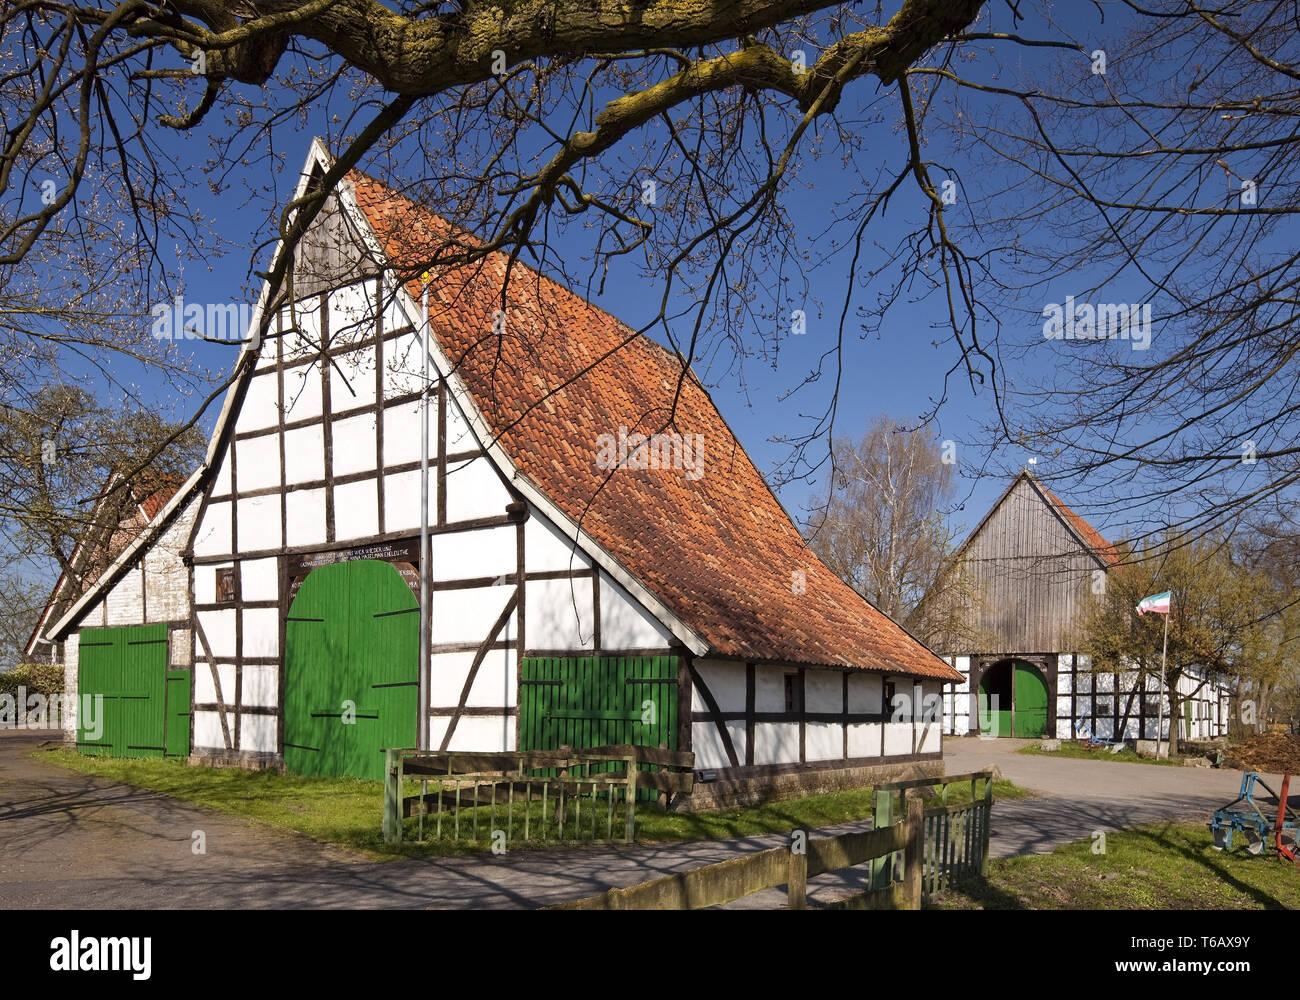 Casa de labranza enmarcadas en madera, Dollberg, Ahlen Village, Muensterland, Renania del Norte-Westfalia, Alemania Imagen De Stock